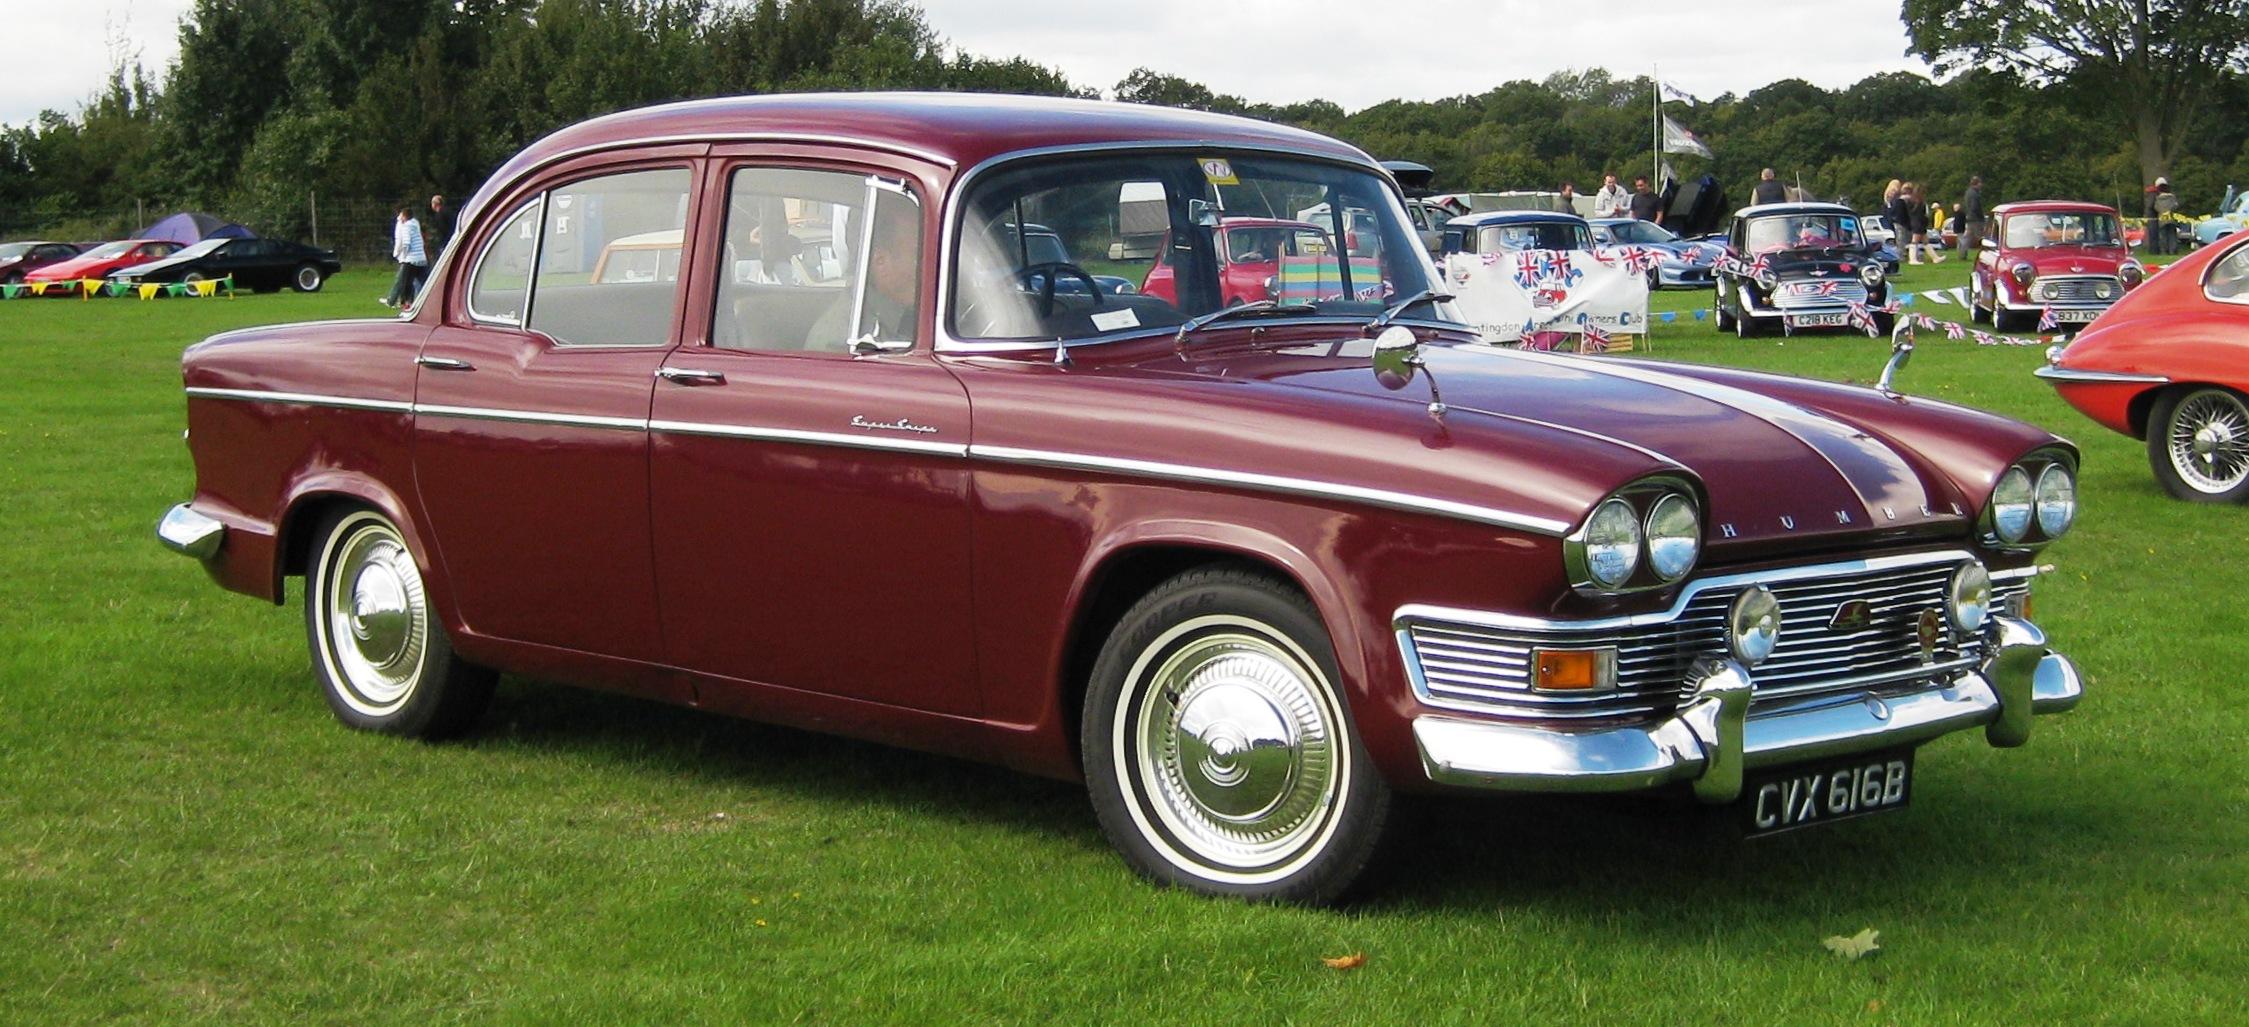 Classic Cars For Sale In Bismarck North Dakota